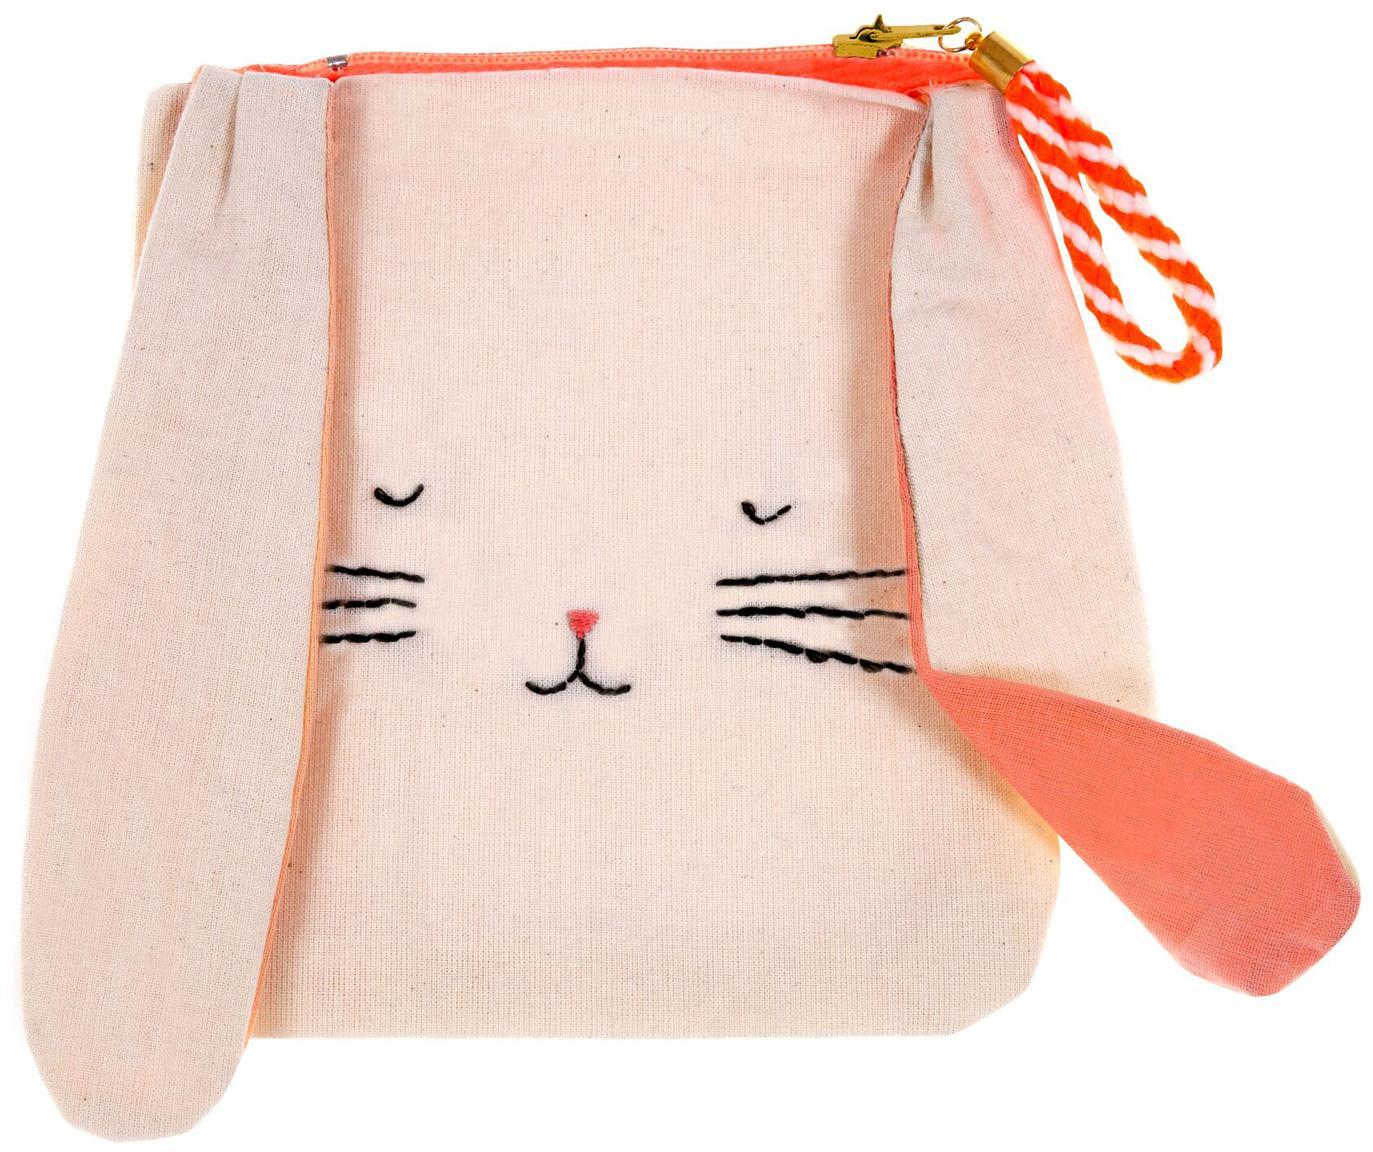 Kinder-Geldbeutel Bunny, Leinen, Beige, Orange, Schwarz, 13 x 15 cm